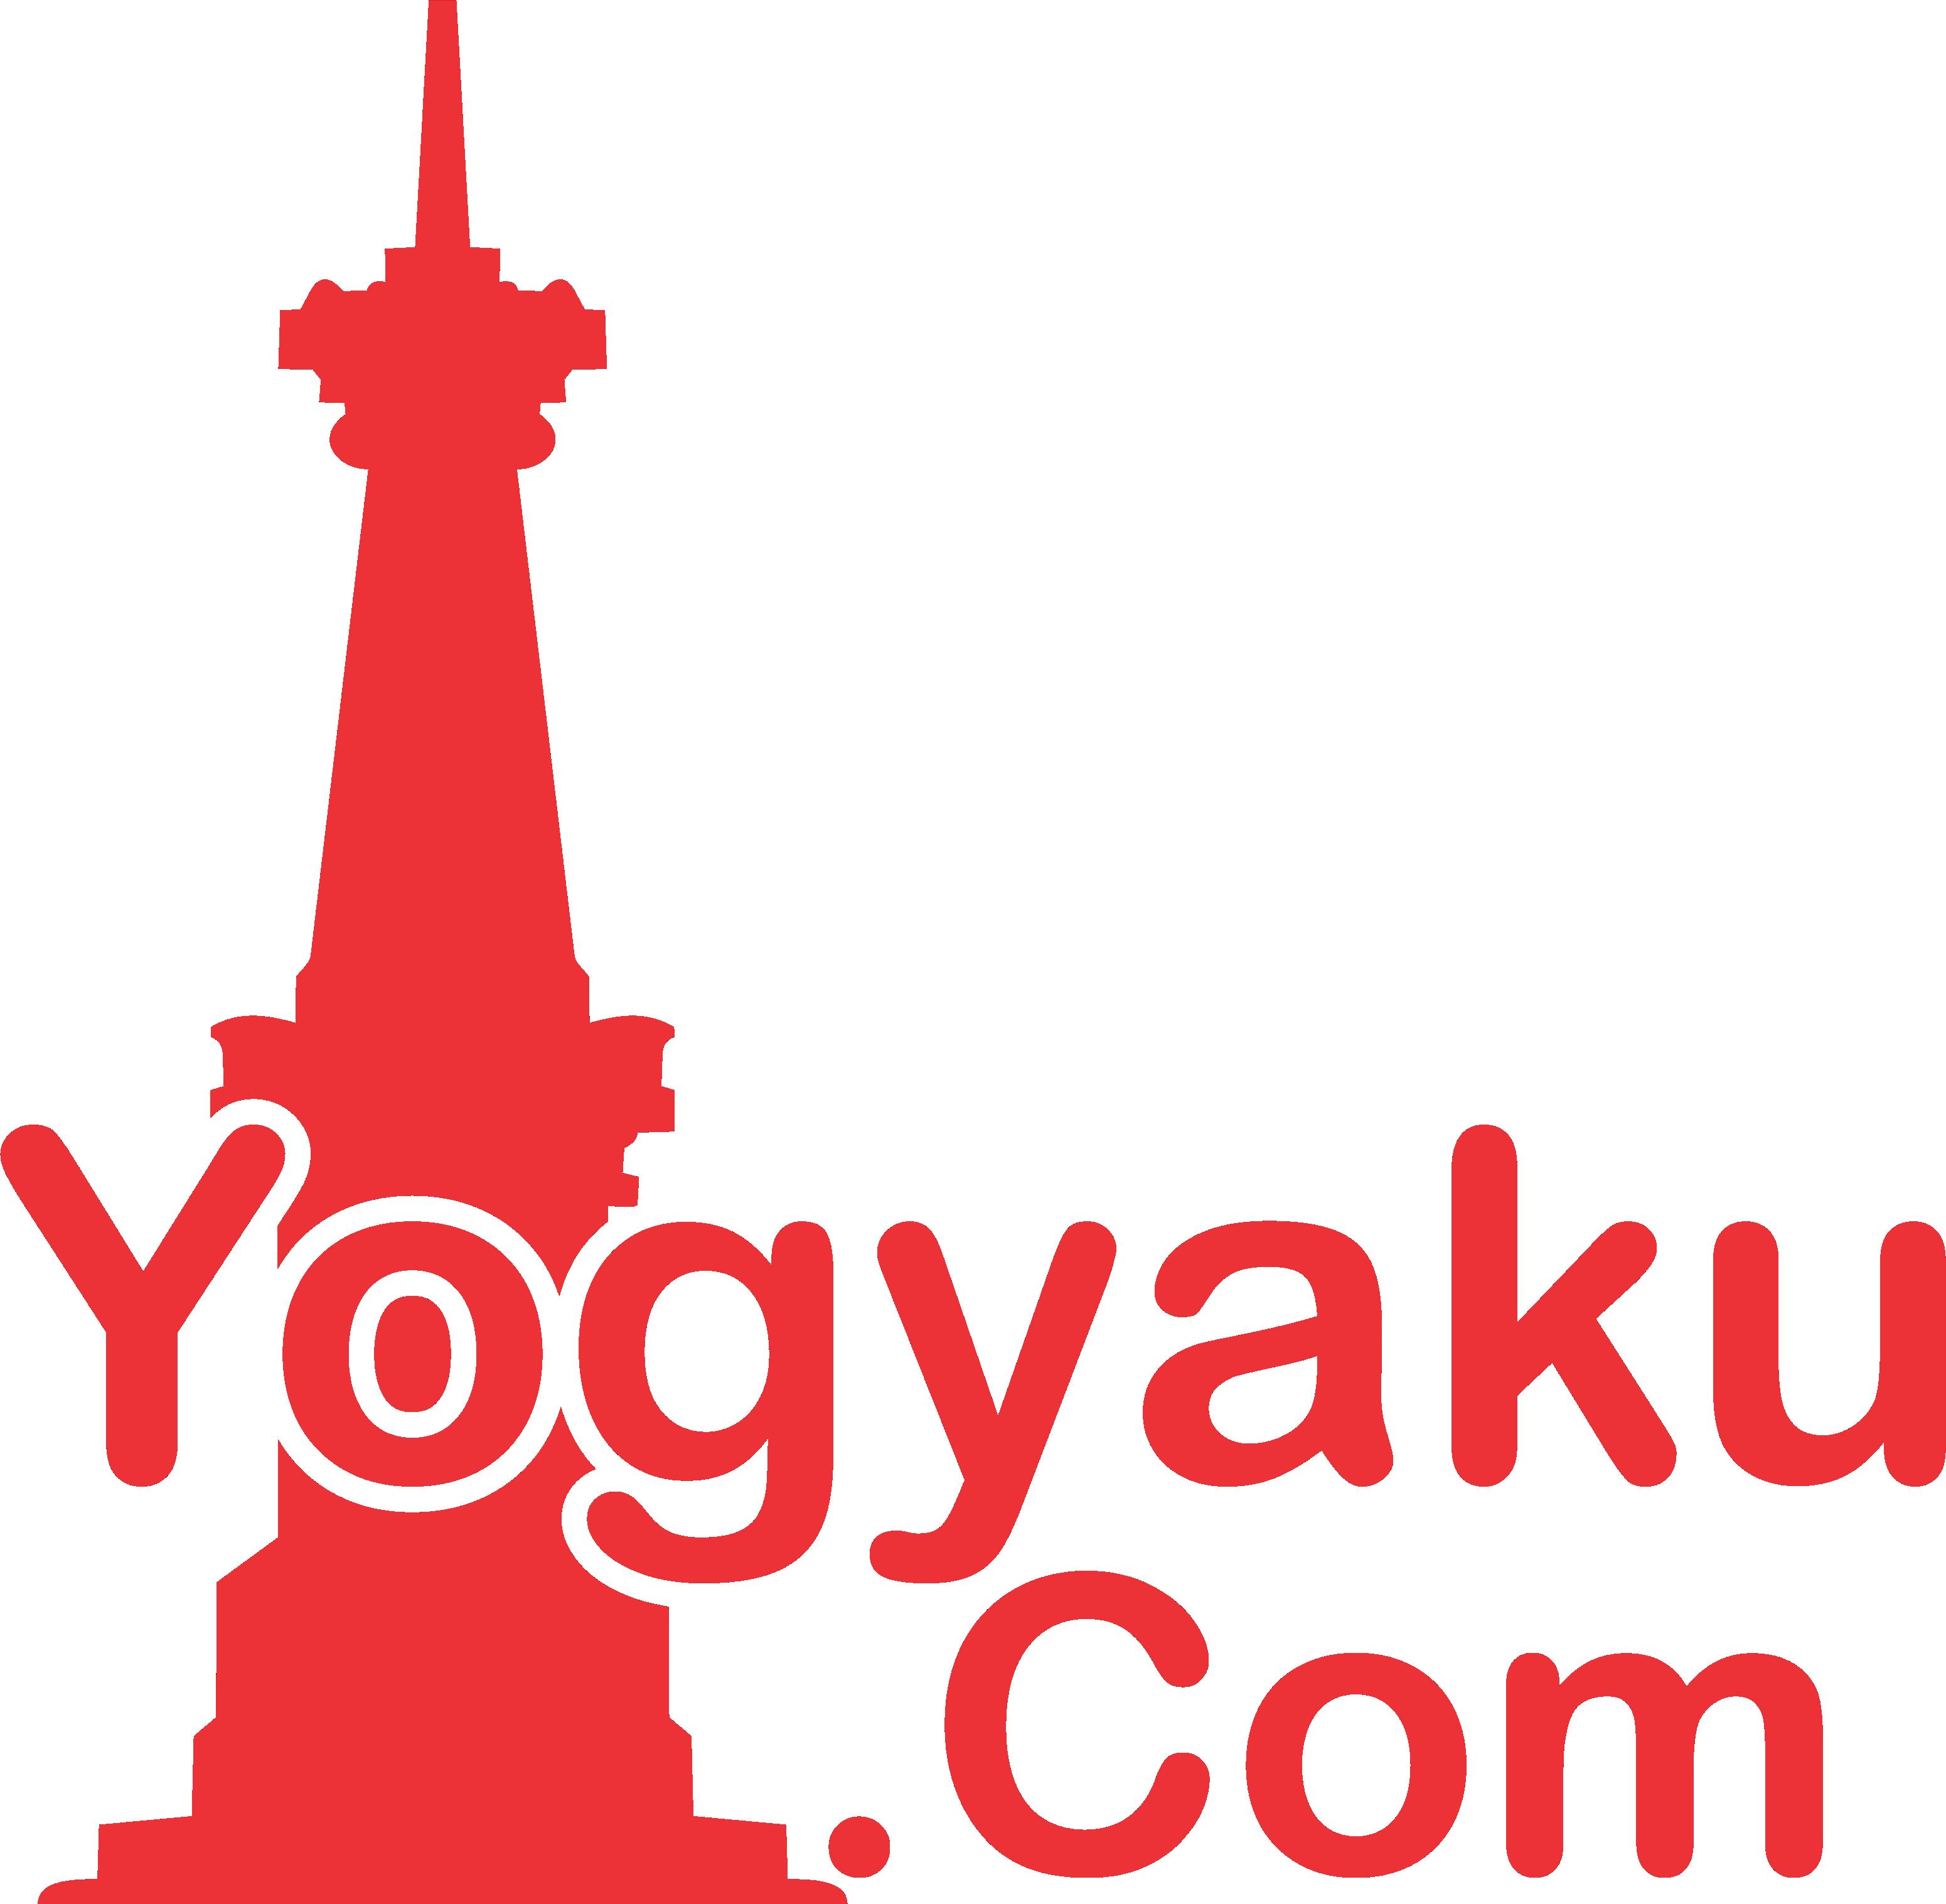 Yogyaku.com